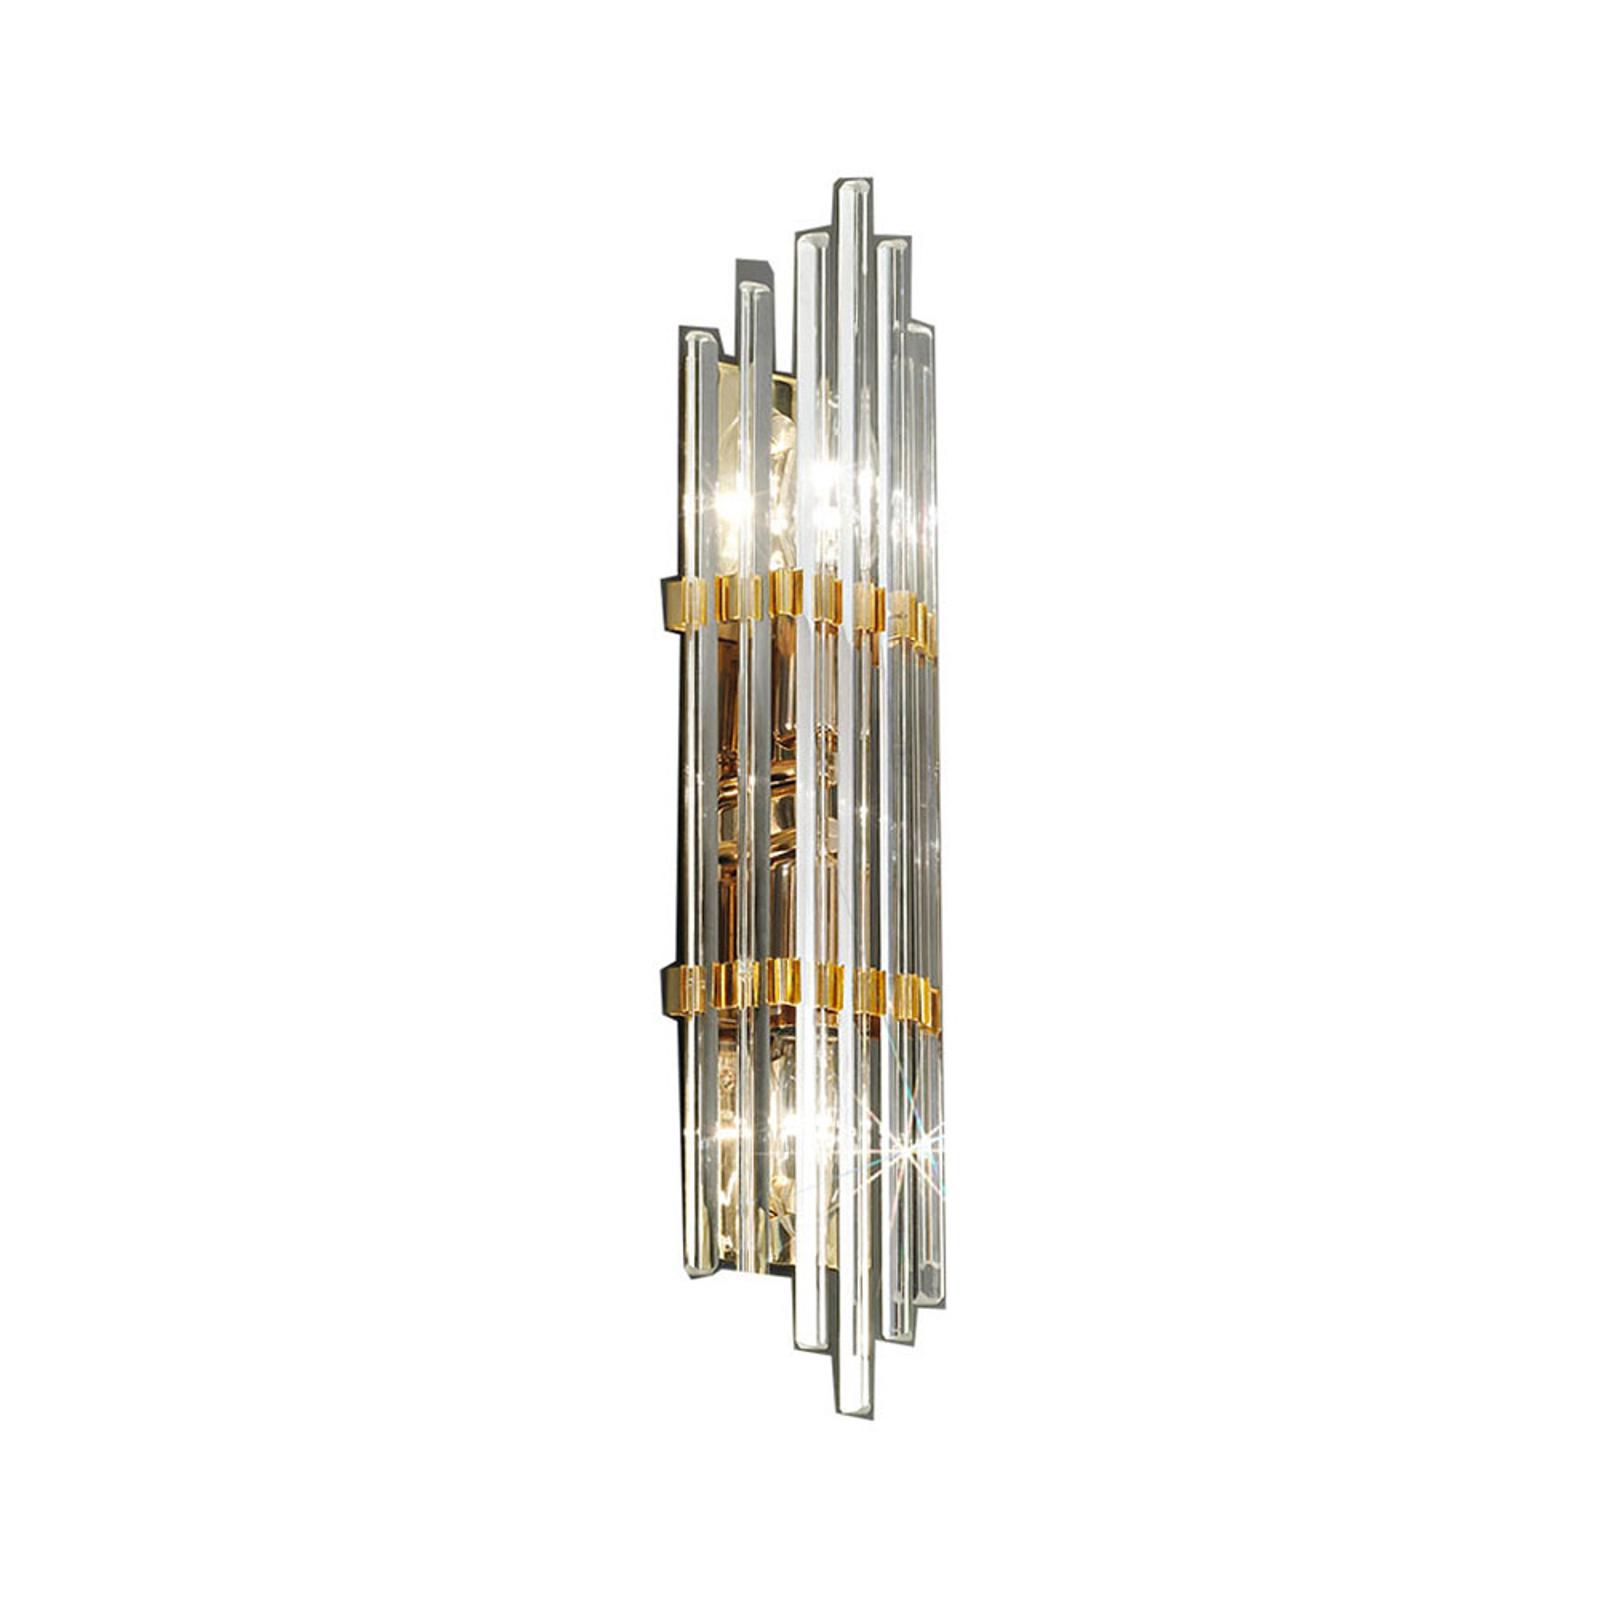 Vegglampe Ontario, høyde 41 cm, gull